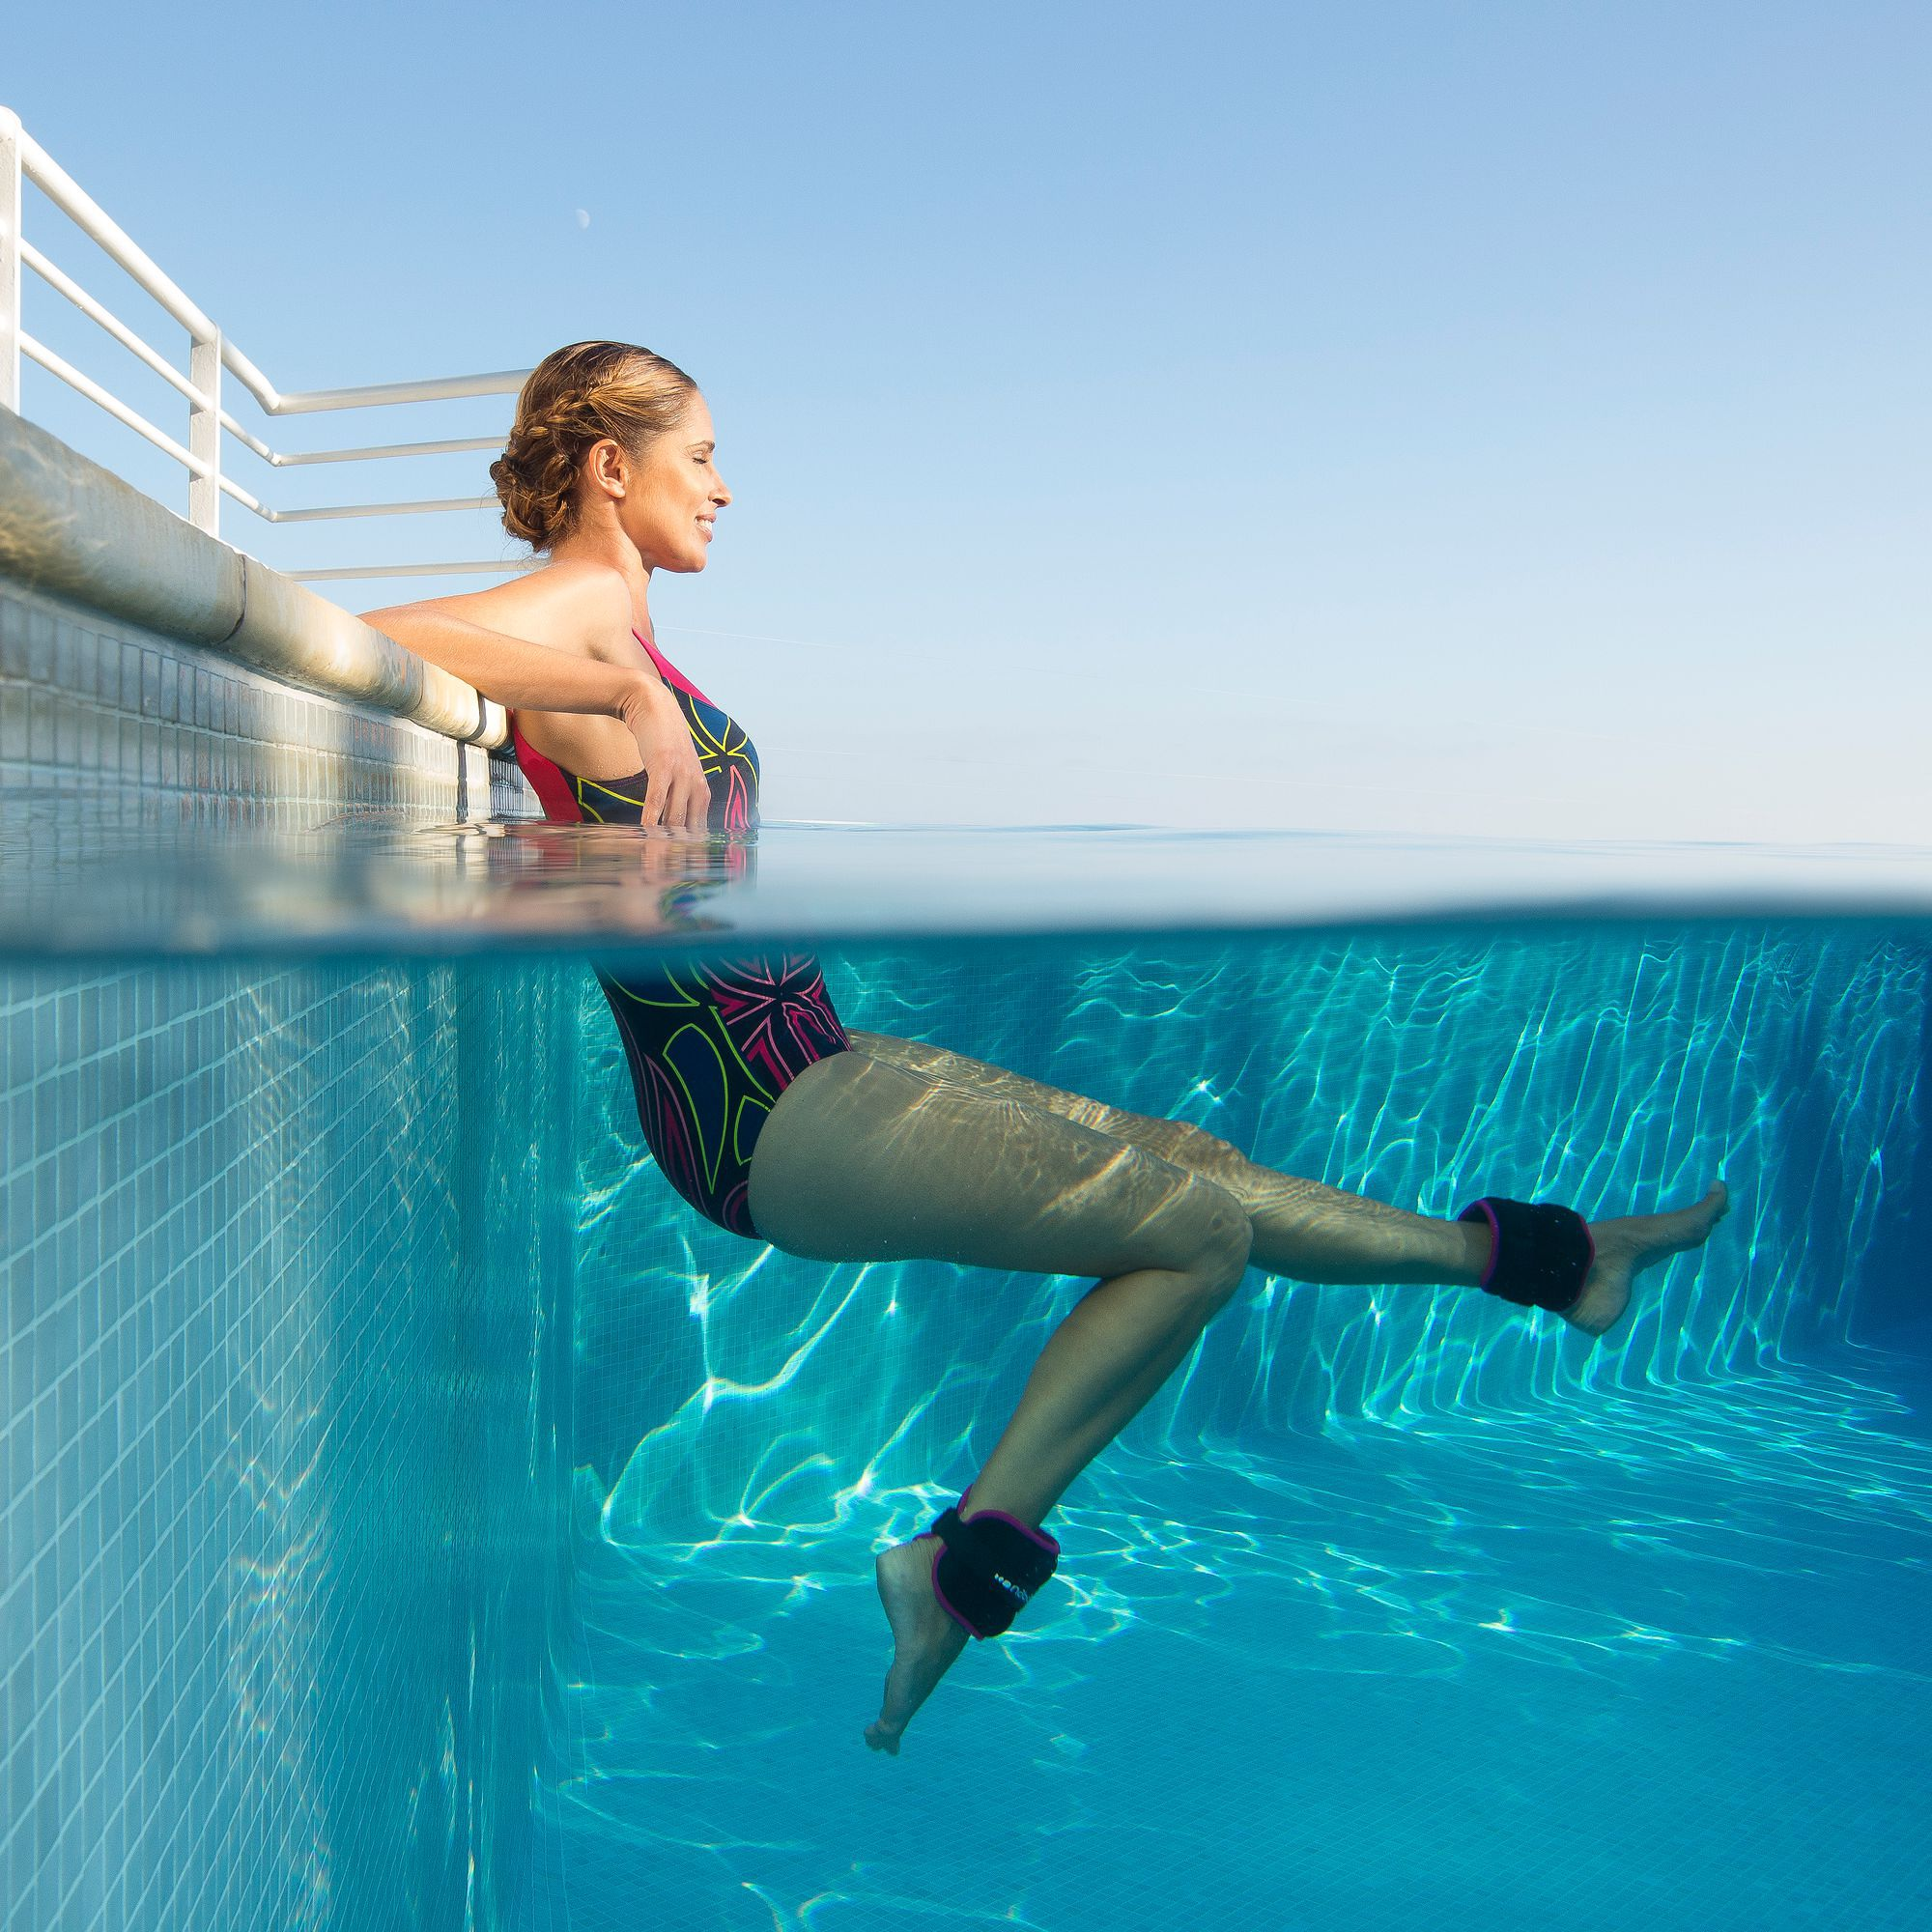 Bracelets lest s pour l 39 aquafitness noir rose clubs for Material para piscina